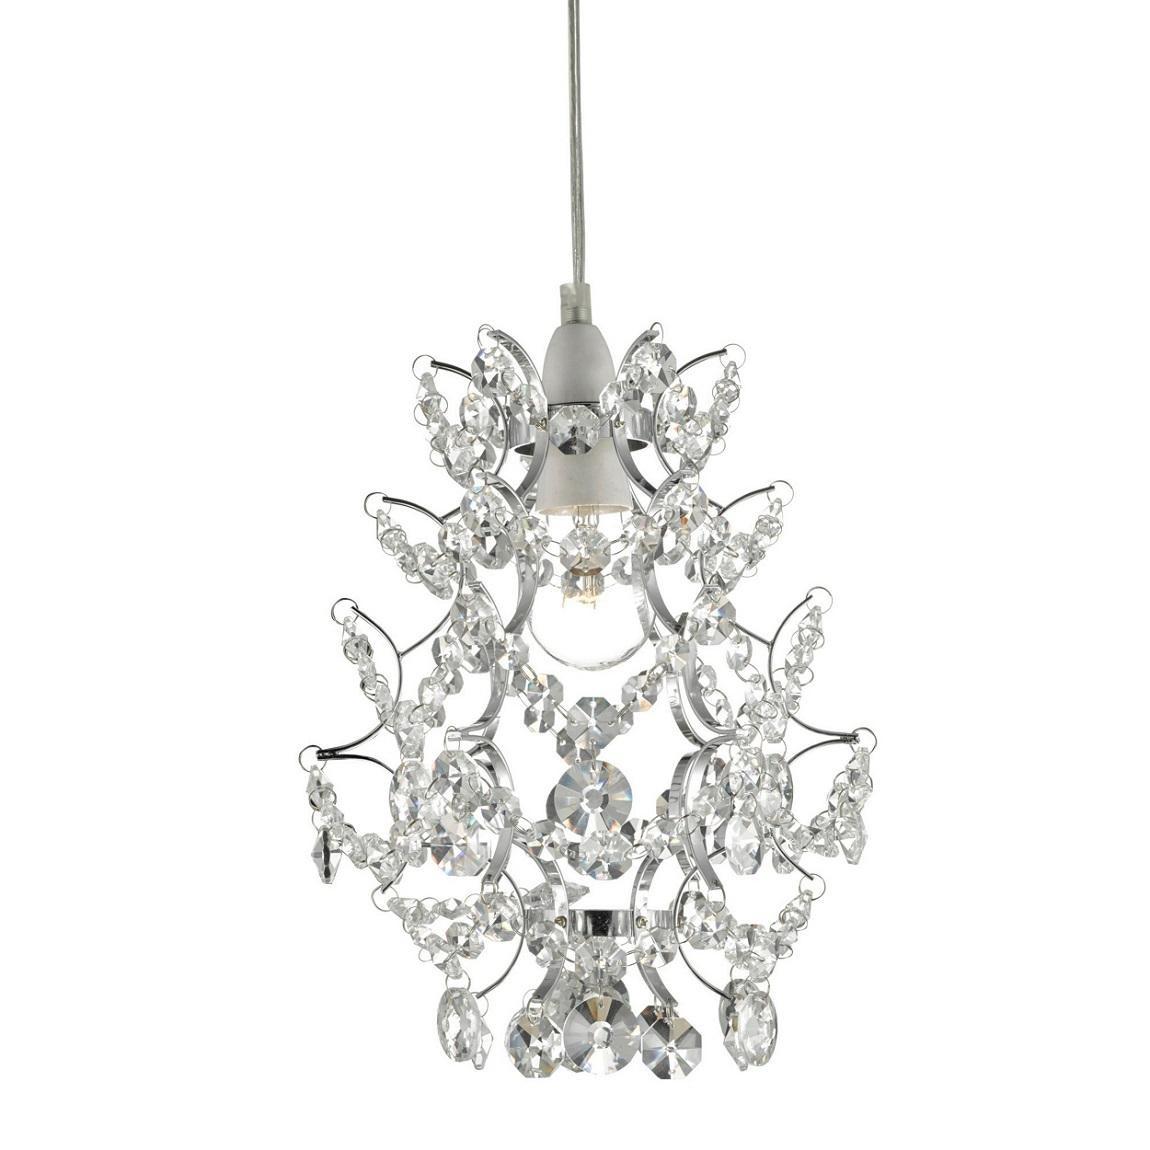 Debenhams Home Collection Morgan Easy Fit Light Shade